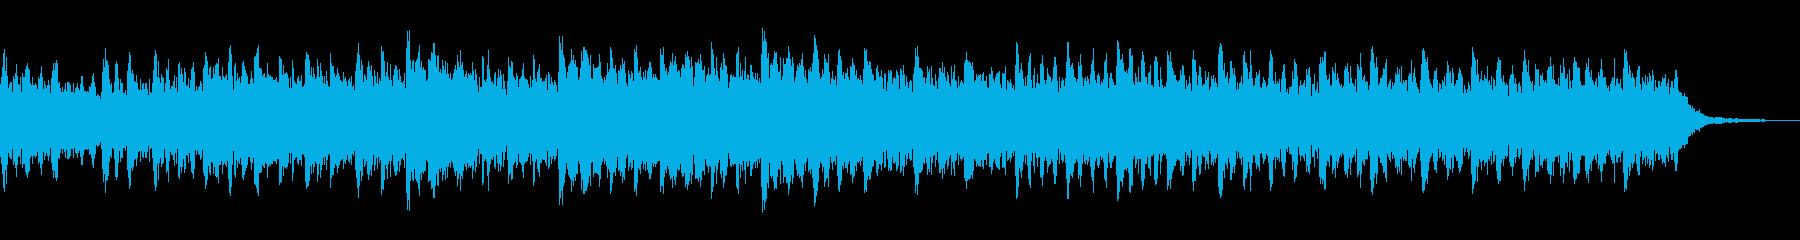 ハリウッド「疾走感・壮大」オーケストラhの再生済みの波形